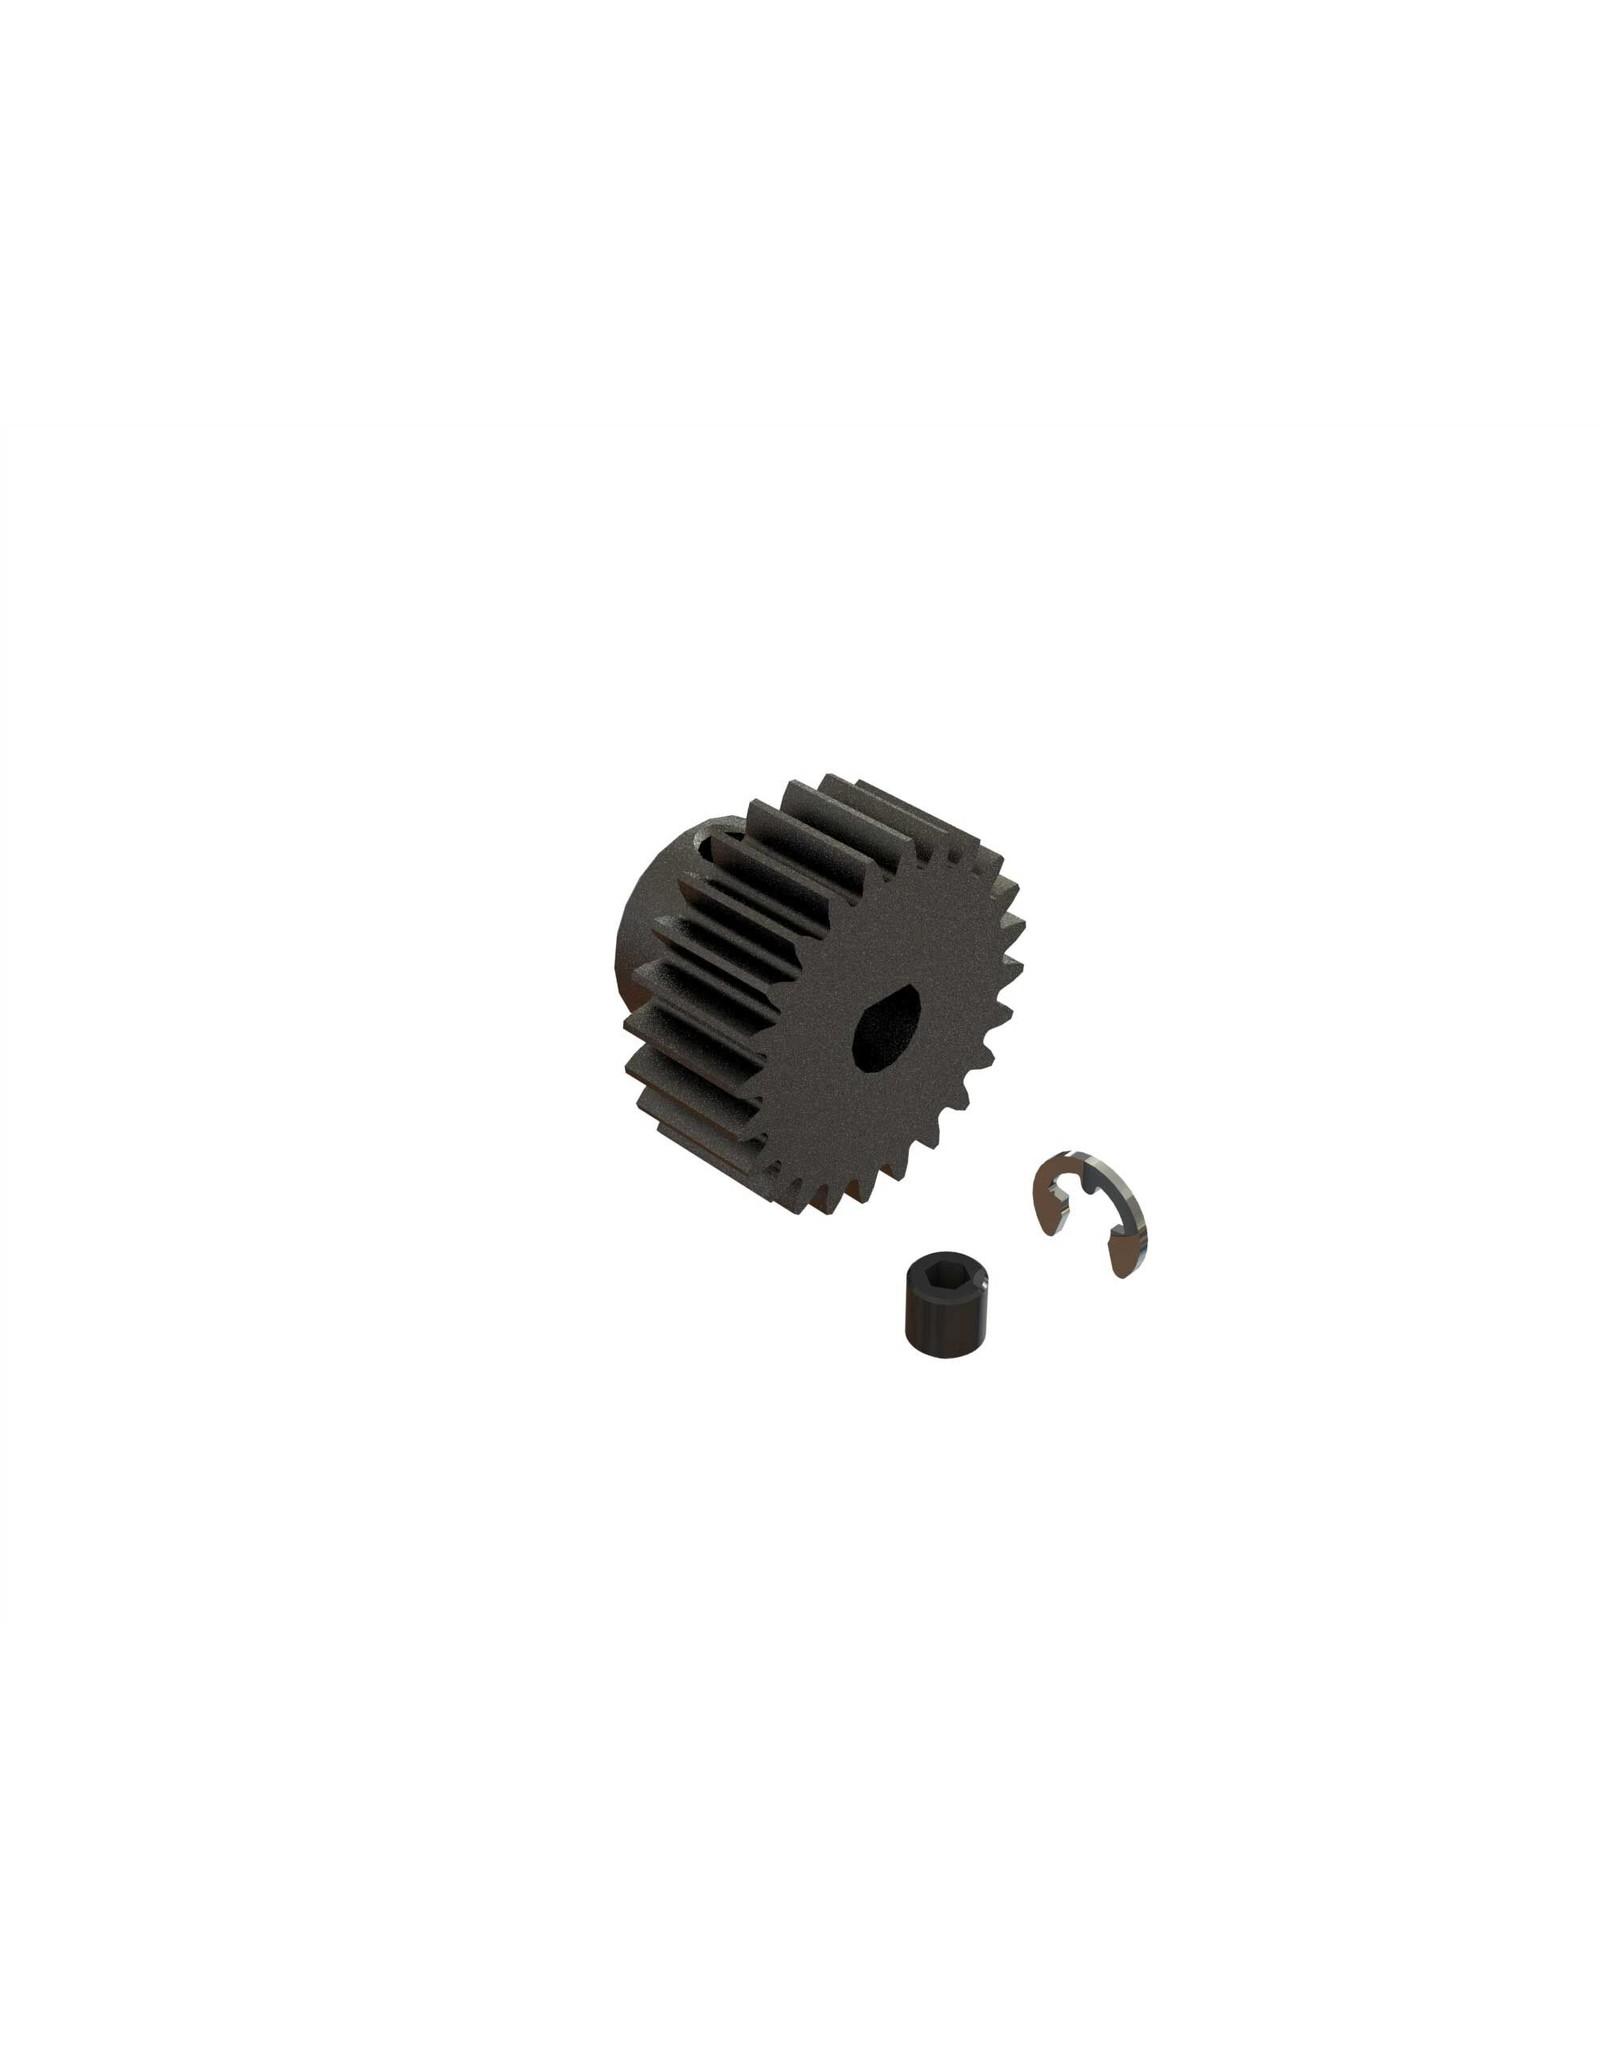 Arrma ARA311007 - Pinion Gear 24T, 0.8Mod Safe-D5